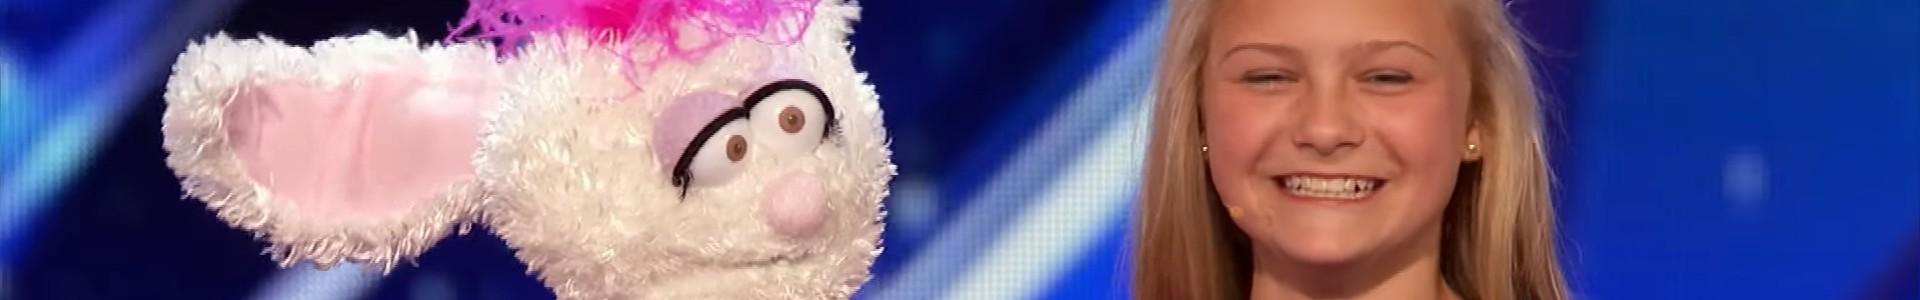 Darci Lynne a ventríloqua de 12 anos que emocionou o America's Got Talent